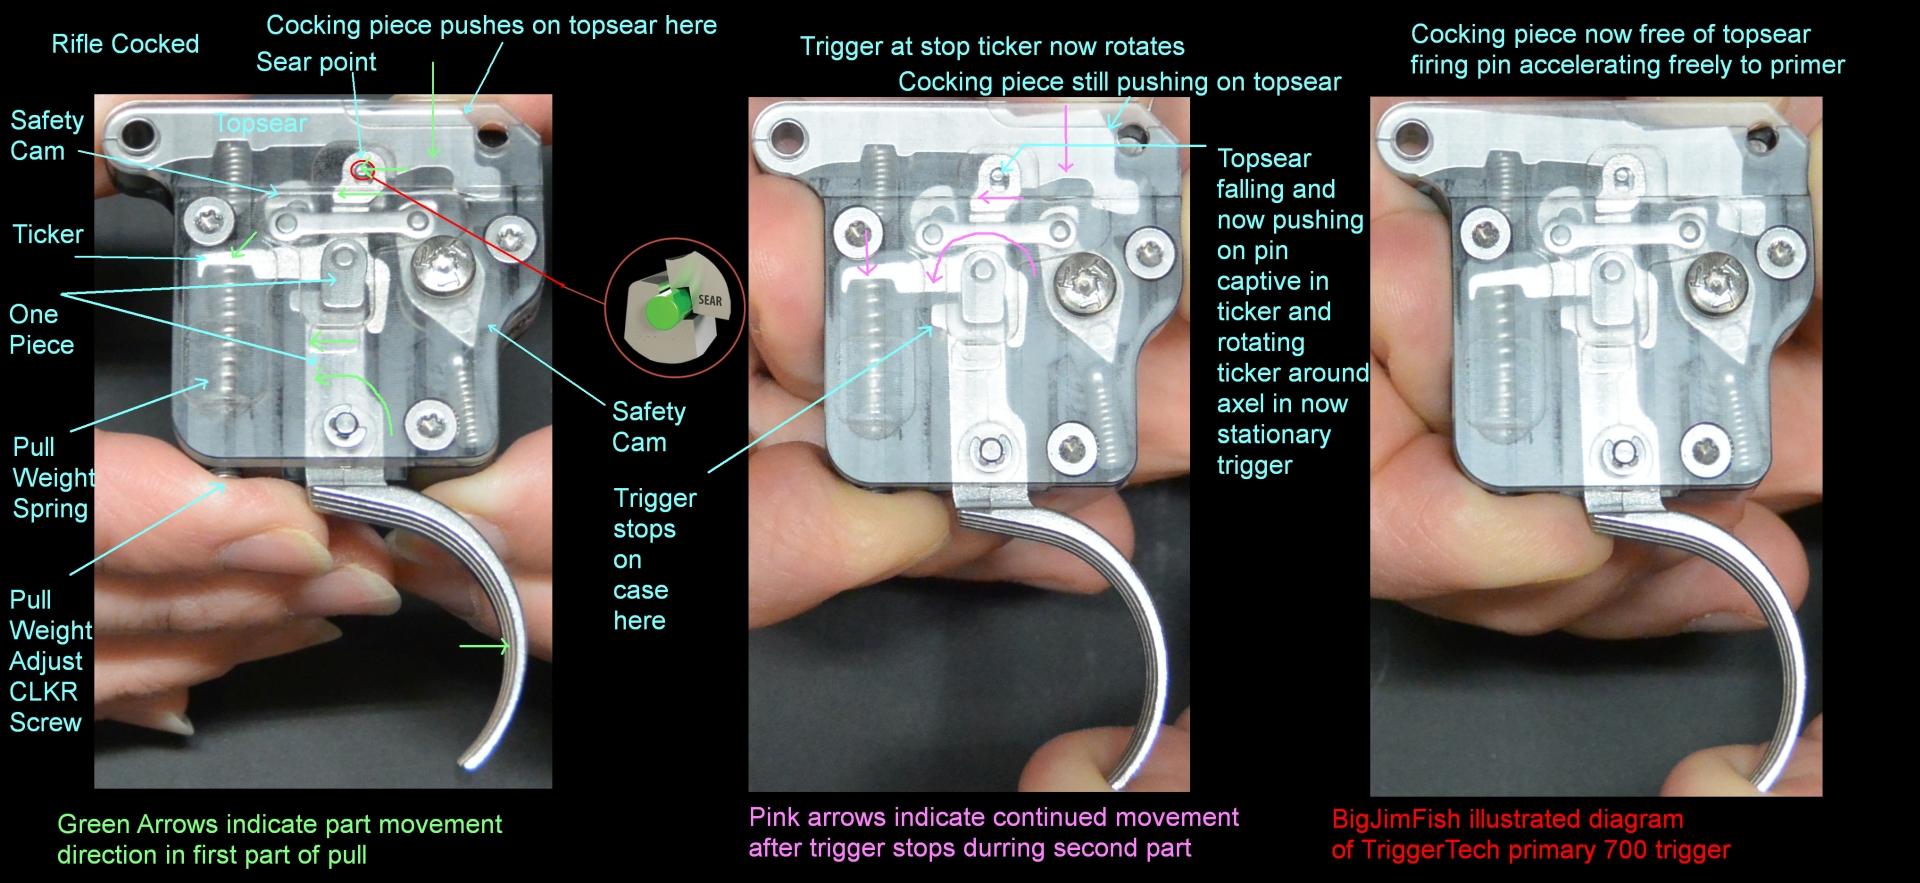 TriggerTech single-stage 700 platform trigger function illustrated